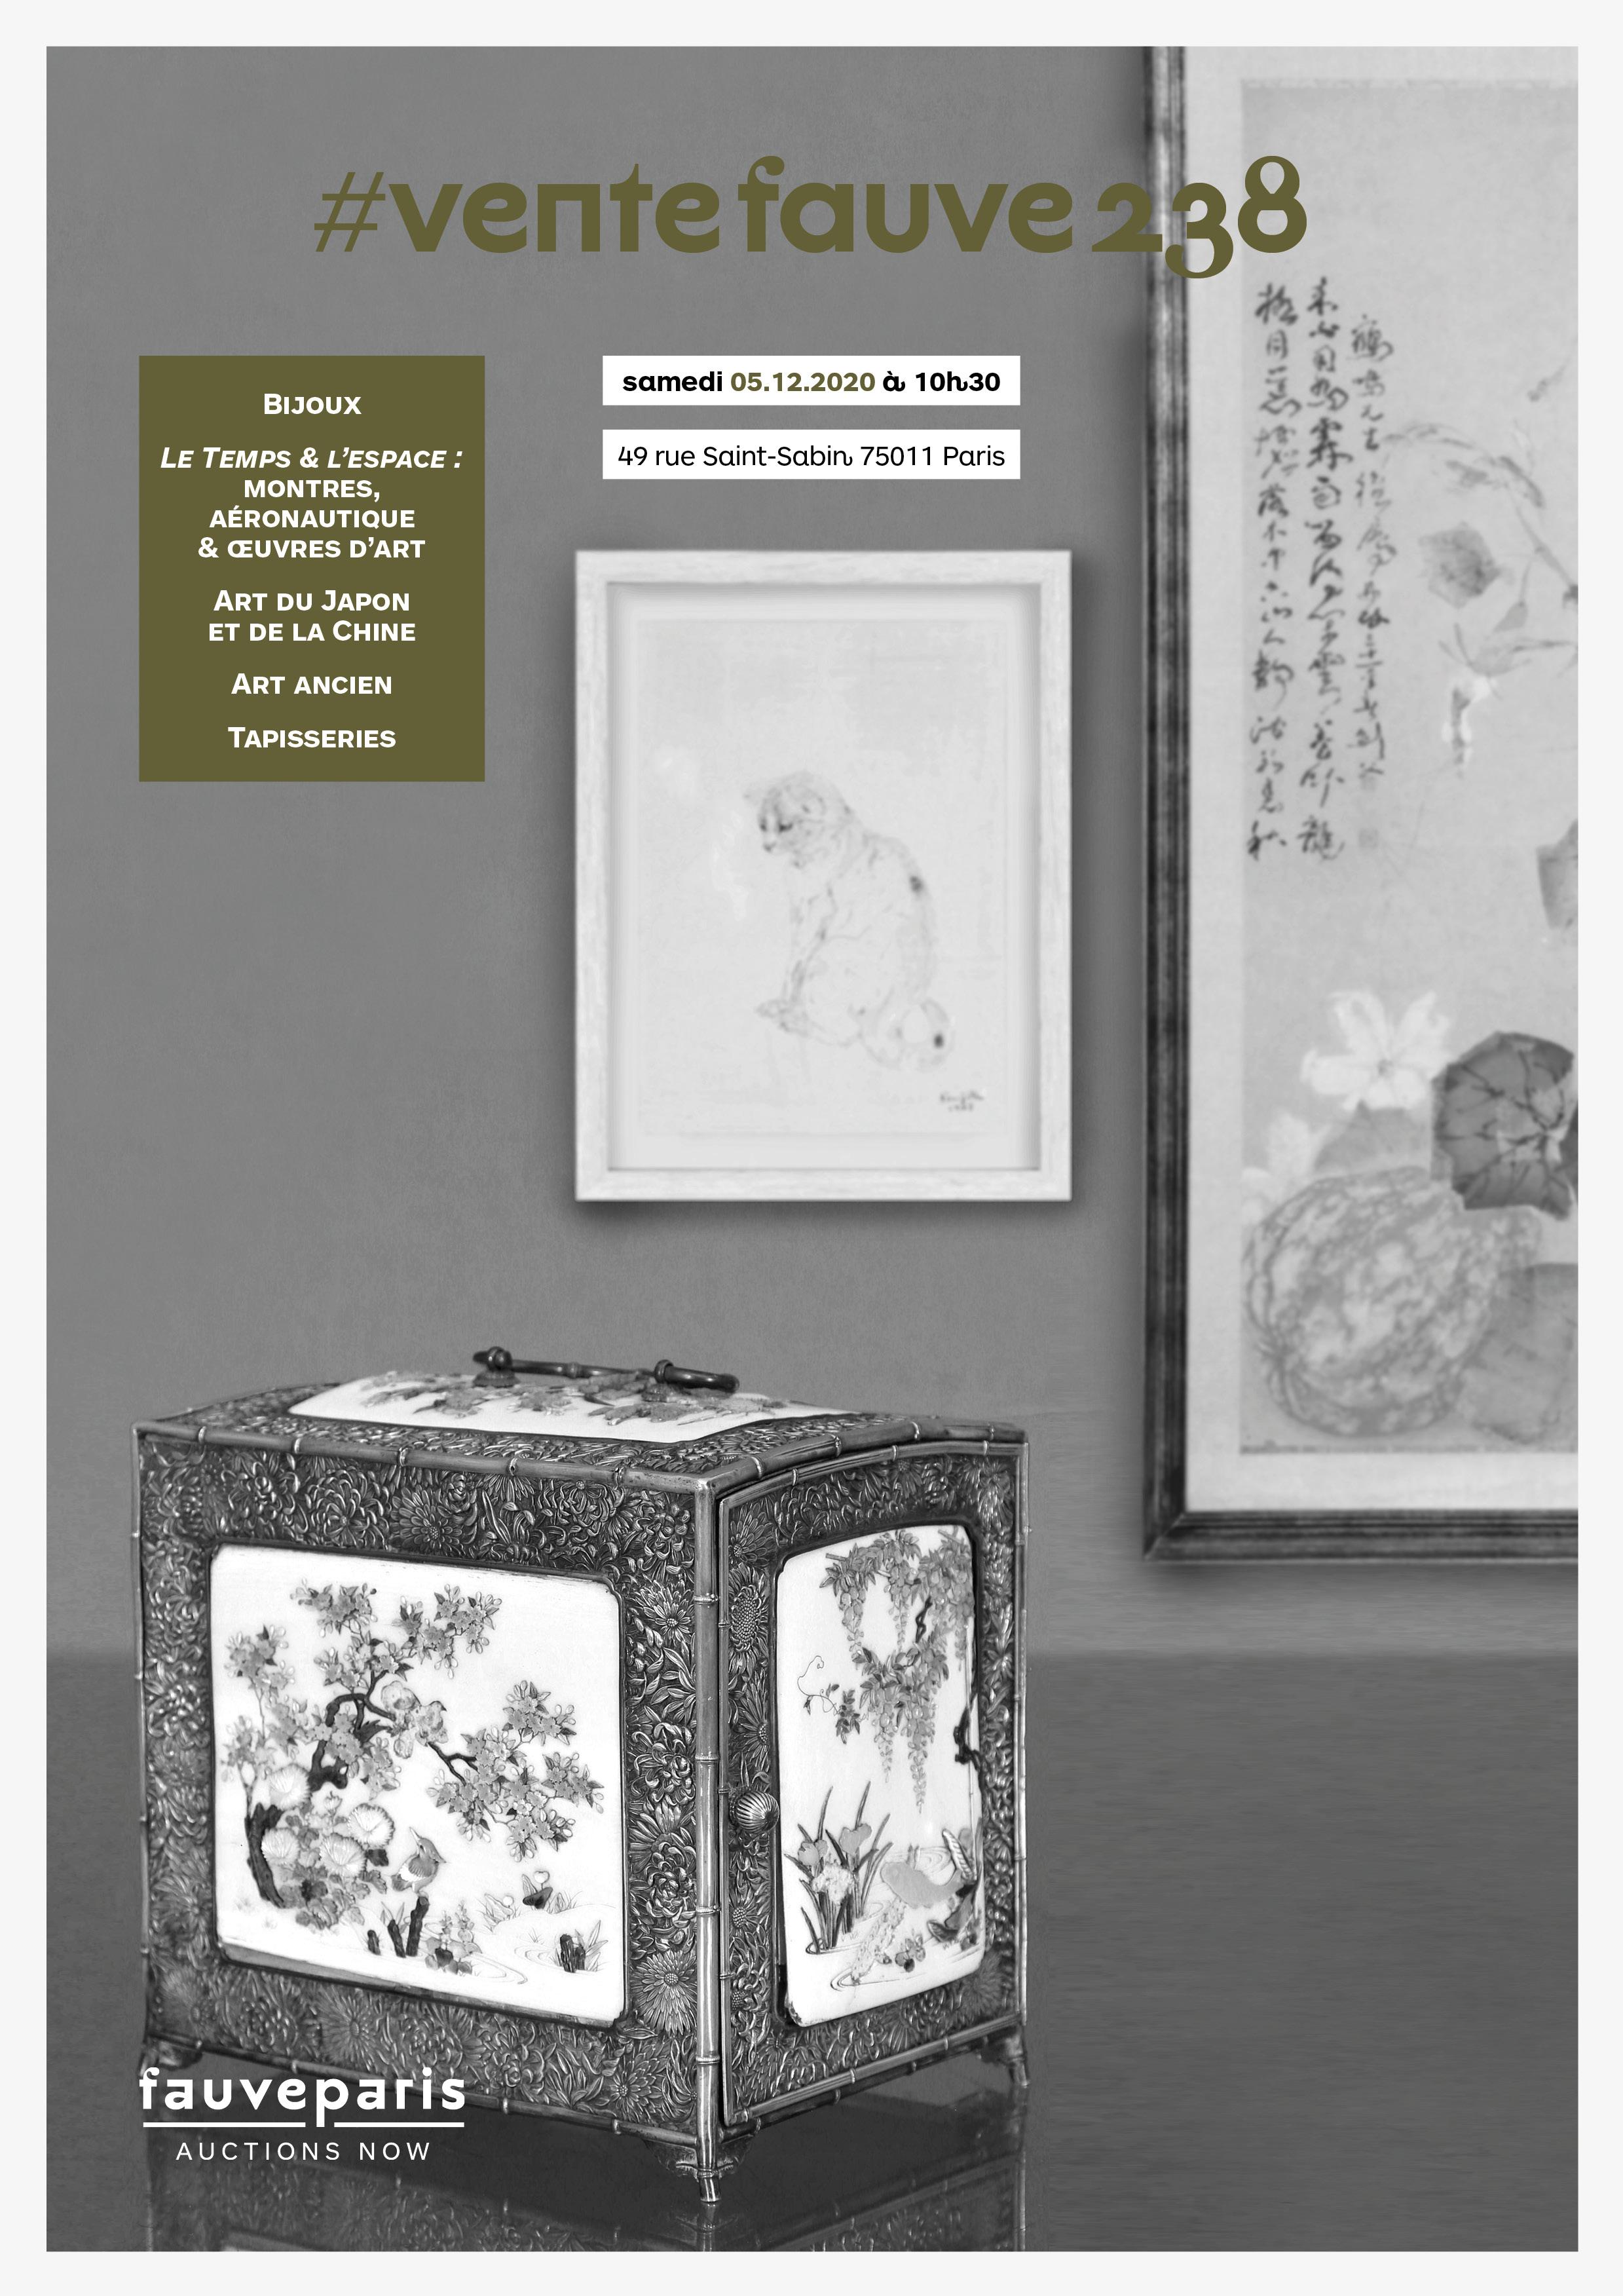 Auction Vente à huis clos : Bijoux, Montres, Aéronautique & Oeuvres d'Art, Art du Japon et de la Chine, Art ancien, Tapisseries  at FauveParis : 112 lots